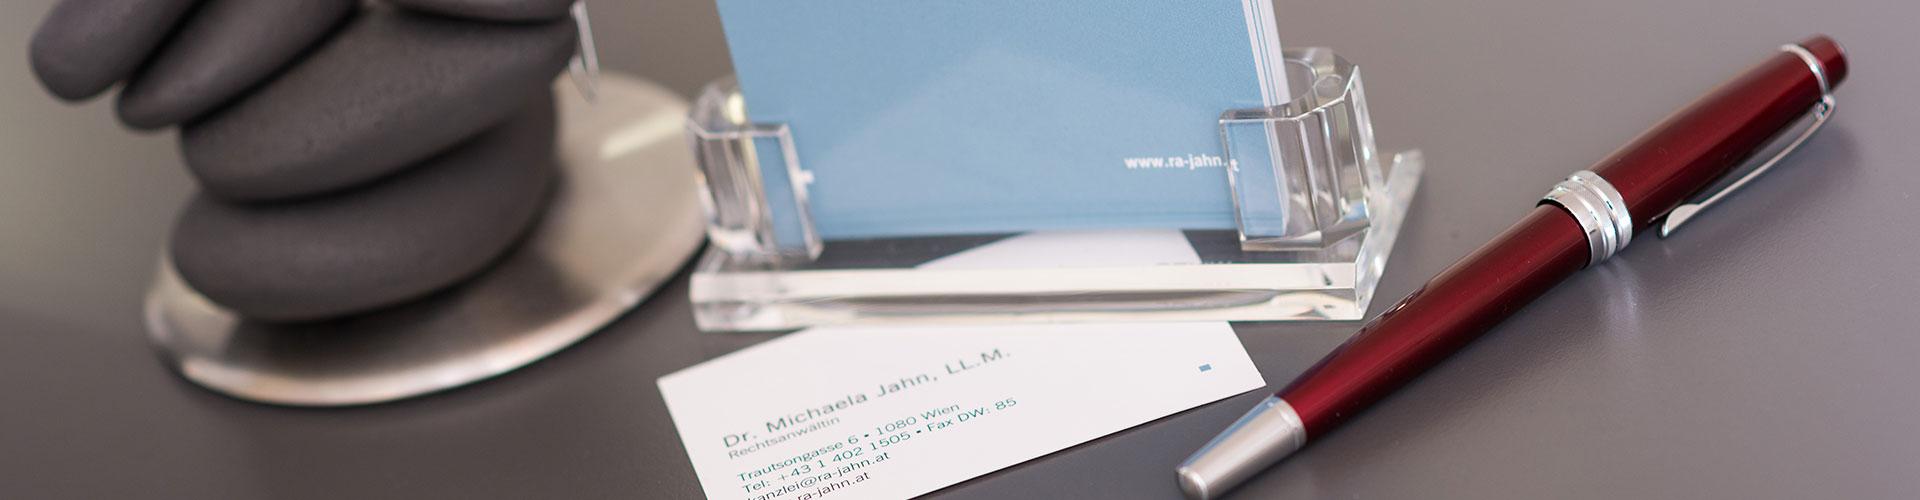 Rechtsanwalt-Dr-Michaela-Jahn-Slide03